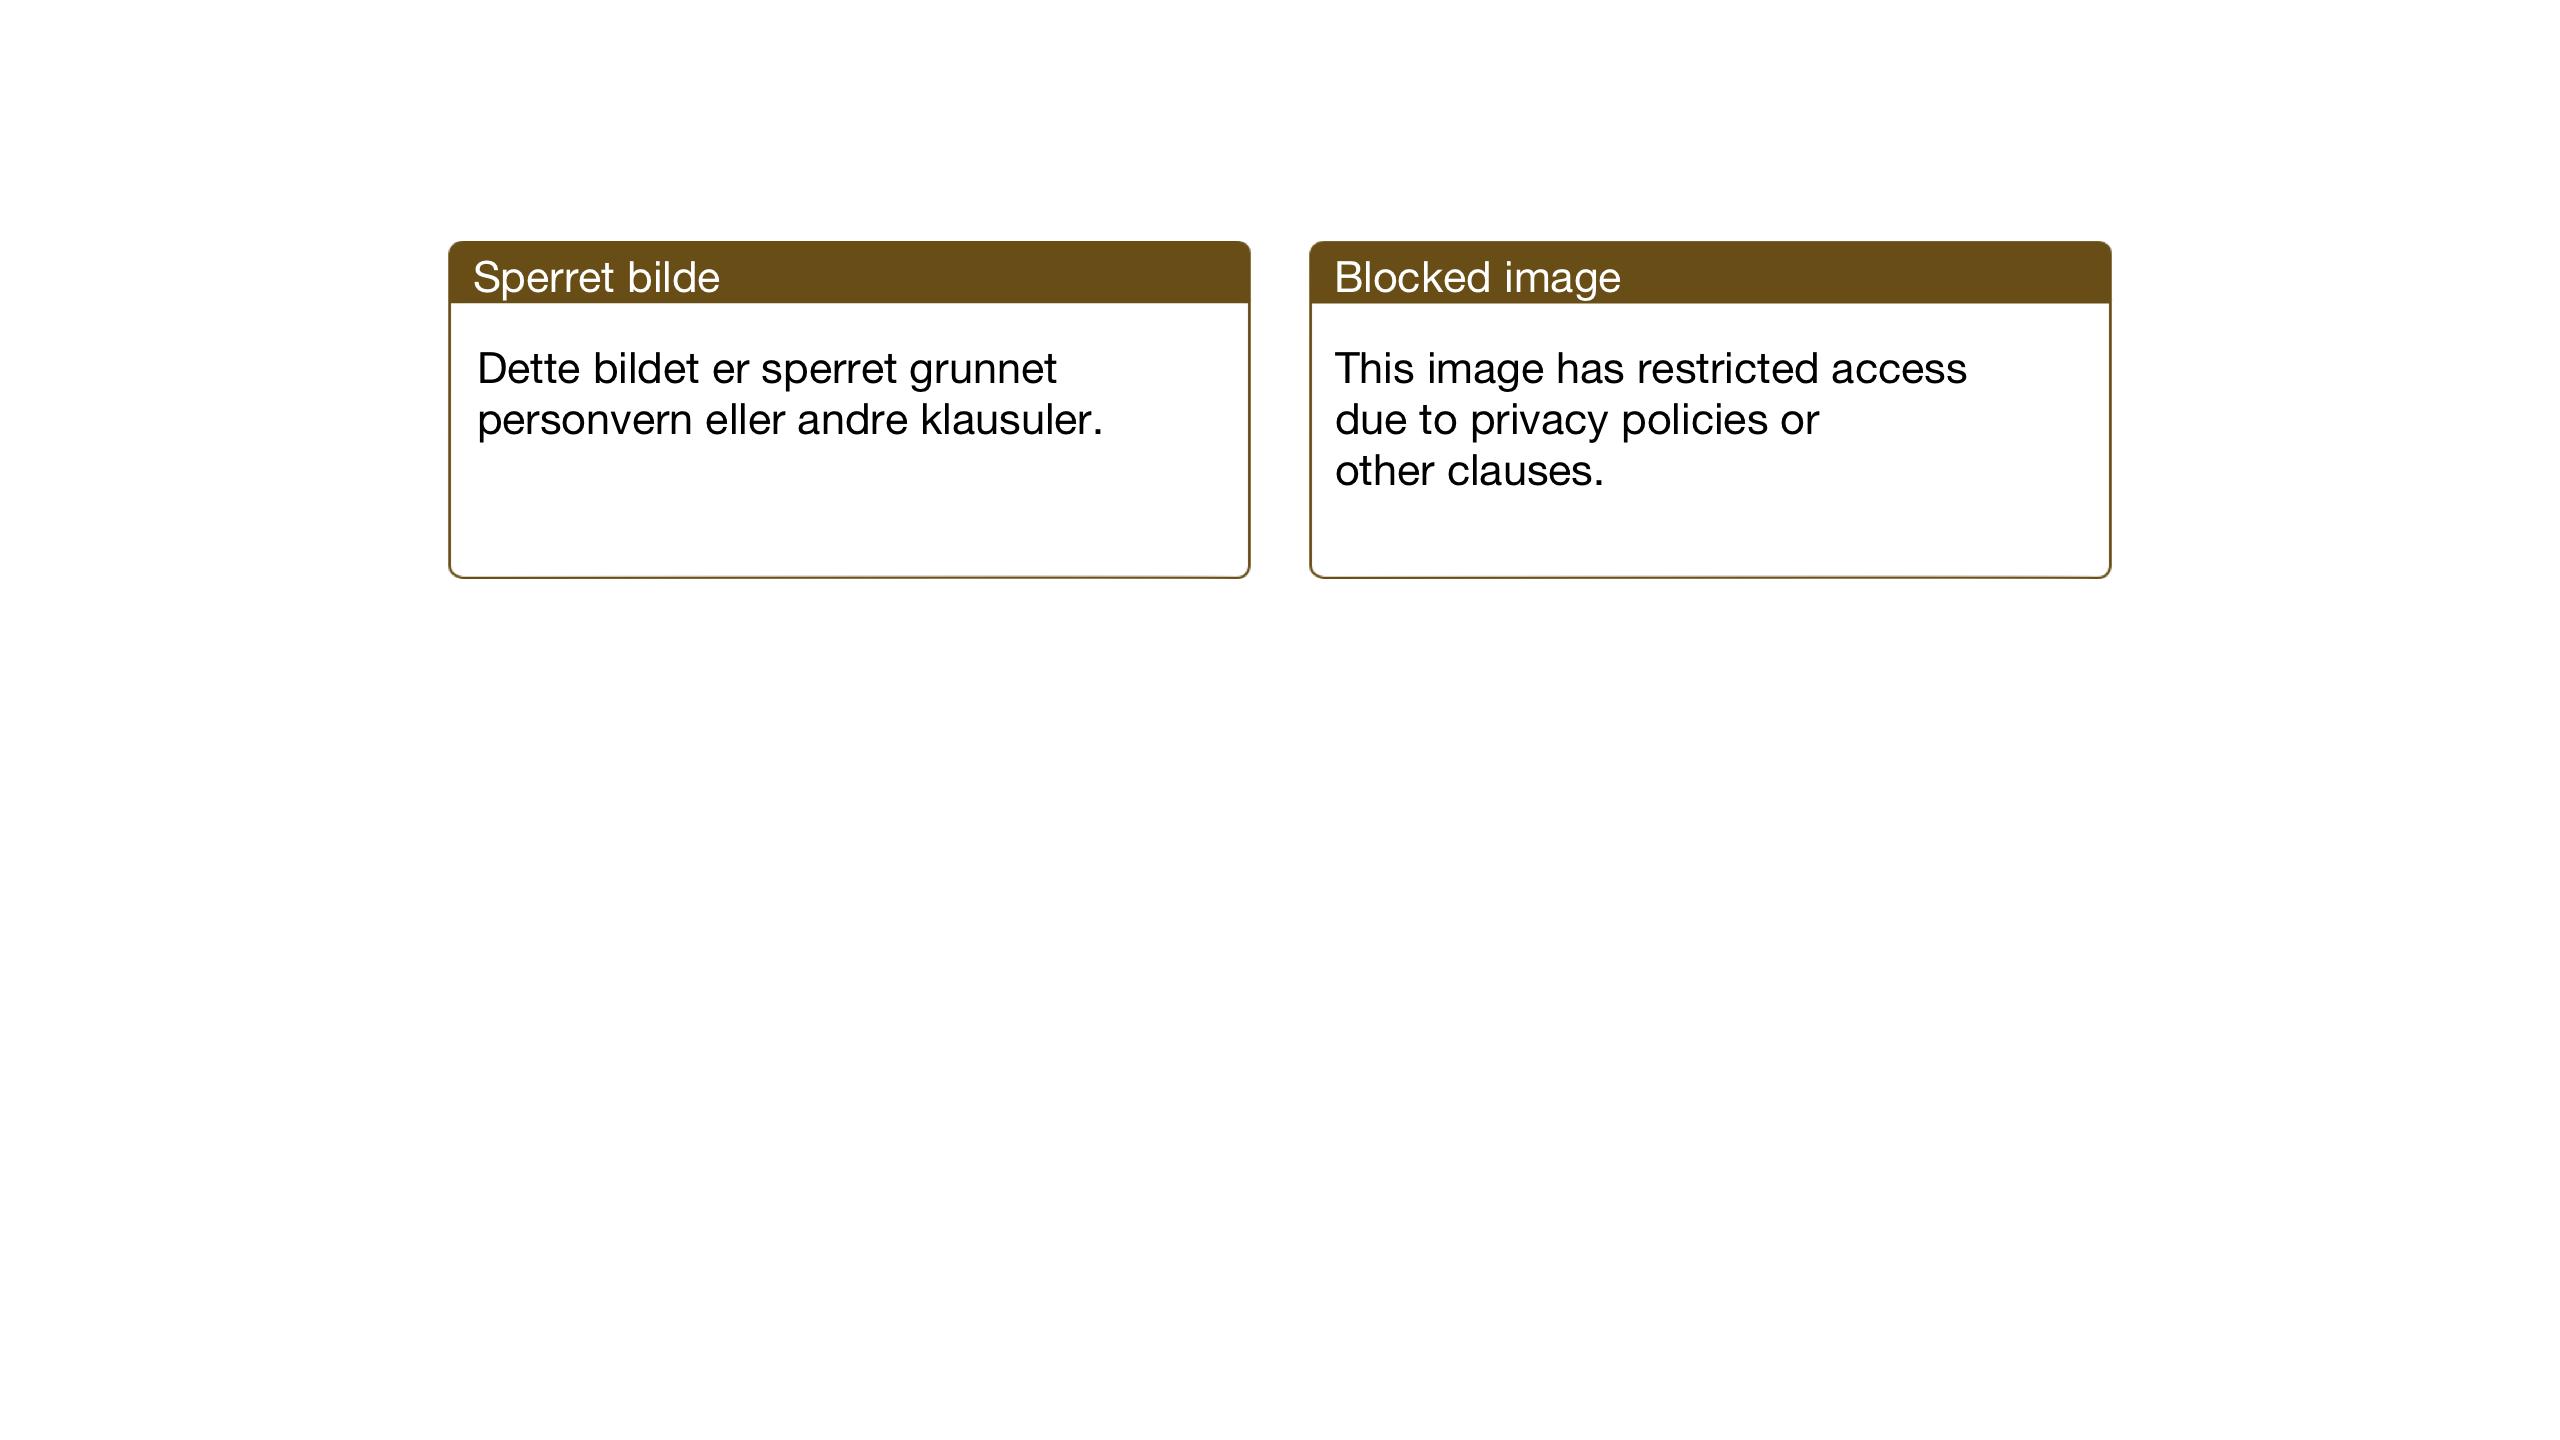 SAT, Ministerialprotokoller, klokkerbøker og fødselsregistre - Sør-Trøndelag, 608/L0342: Klokkerbok nr. 608C08, 1912-1938, s. 37